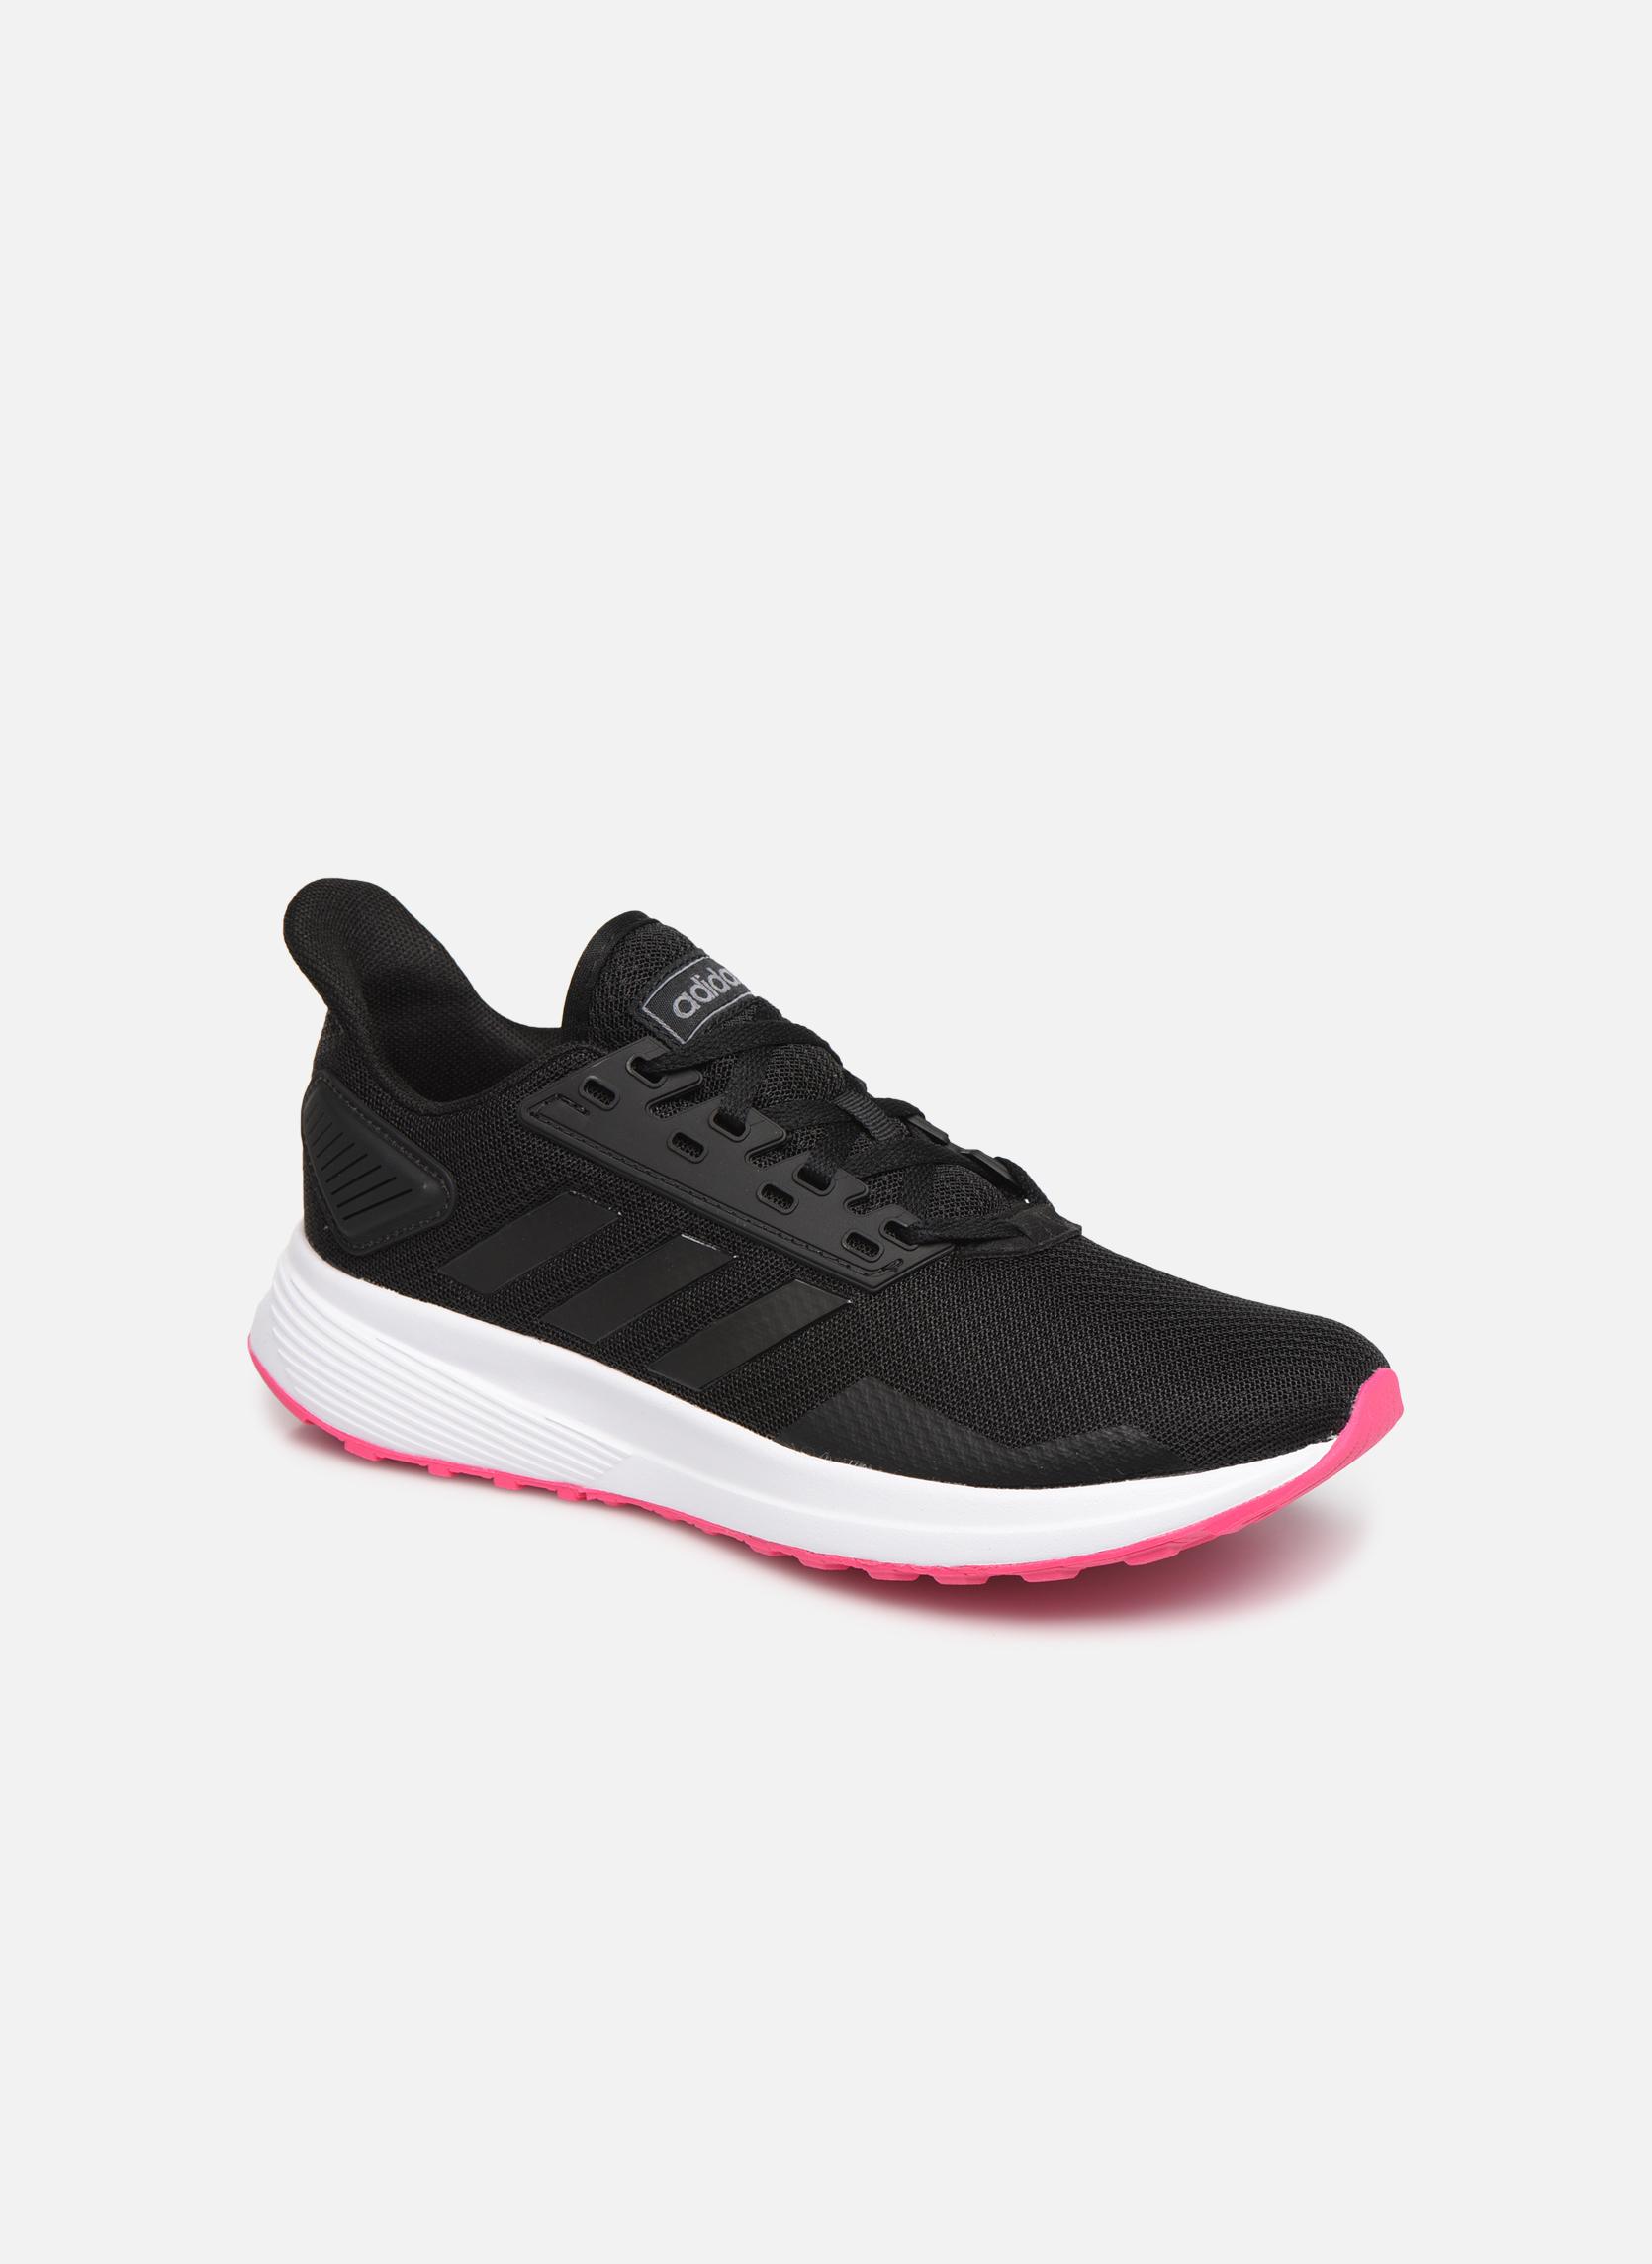 Des Adidas À Chaussures Où Avranches Trouver Performance 54RLq3jA